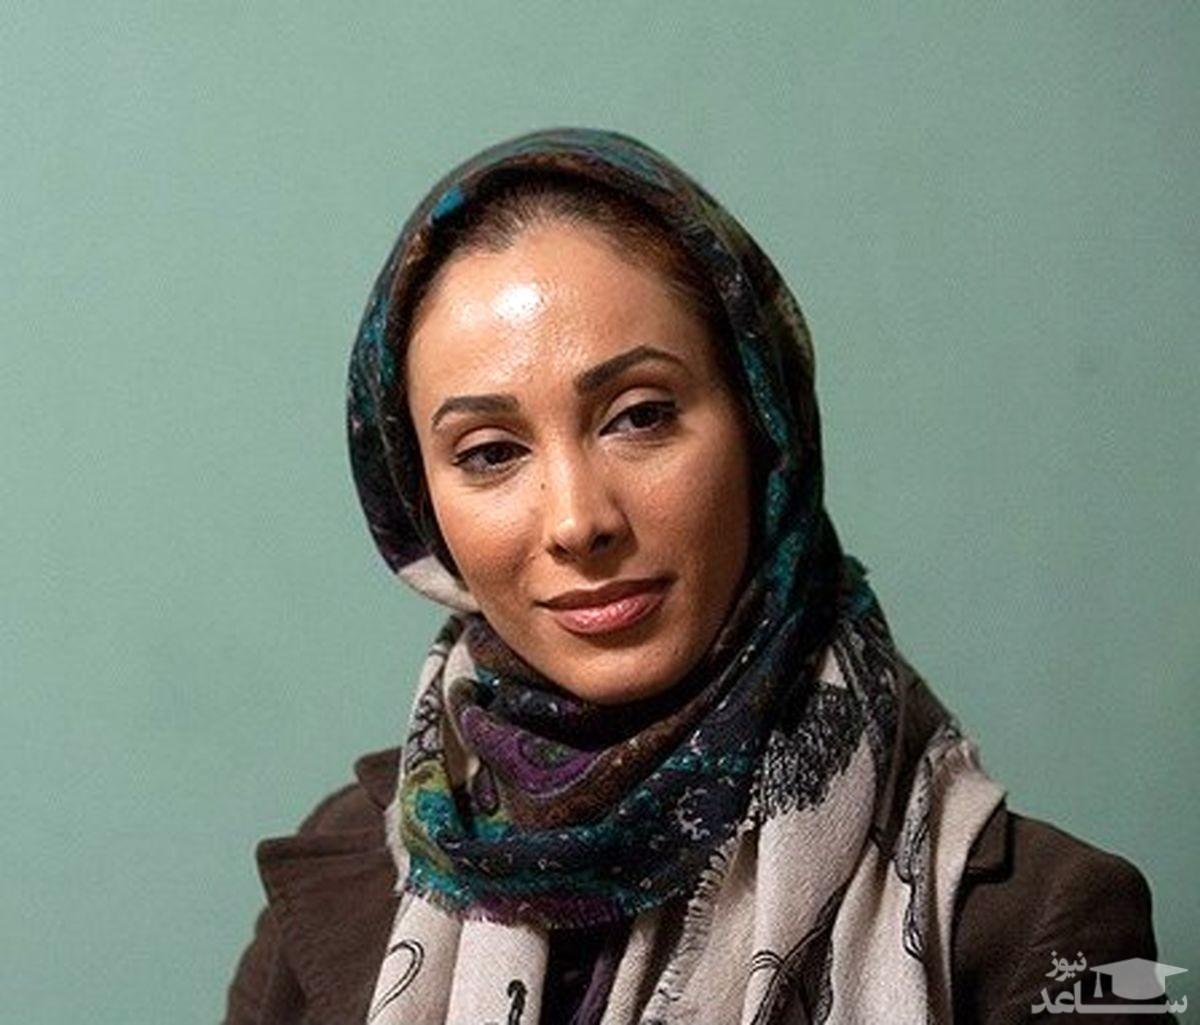 شکایت سحر زکریا از یک روحانی بخاطر اتهام غیراخلاقی! / من به مهران مدیری پیشنهاد ندادم!